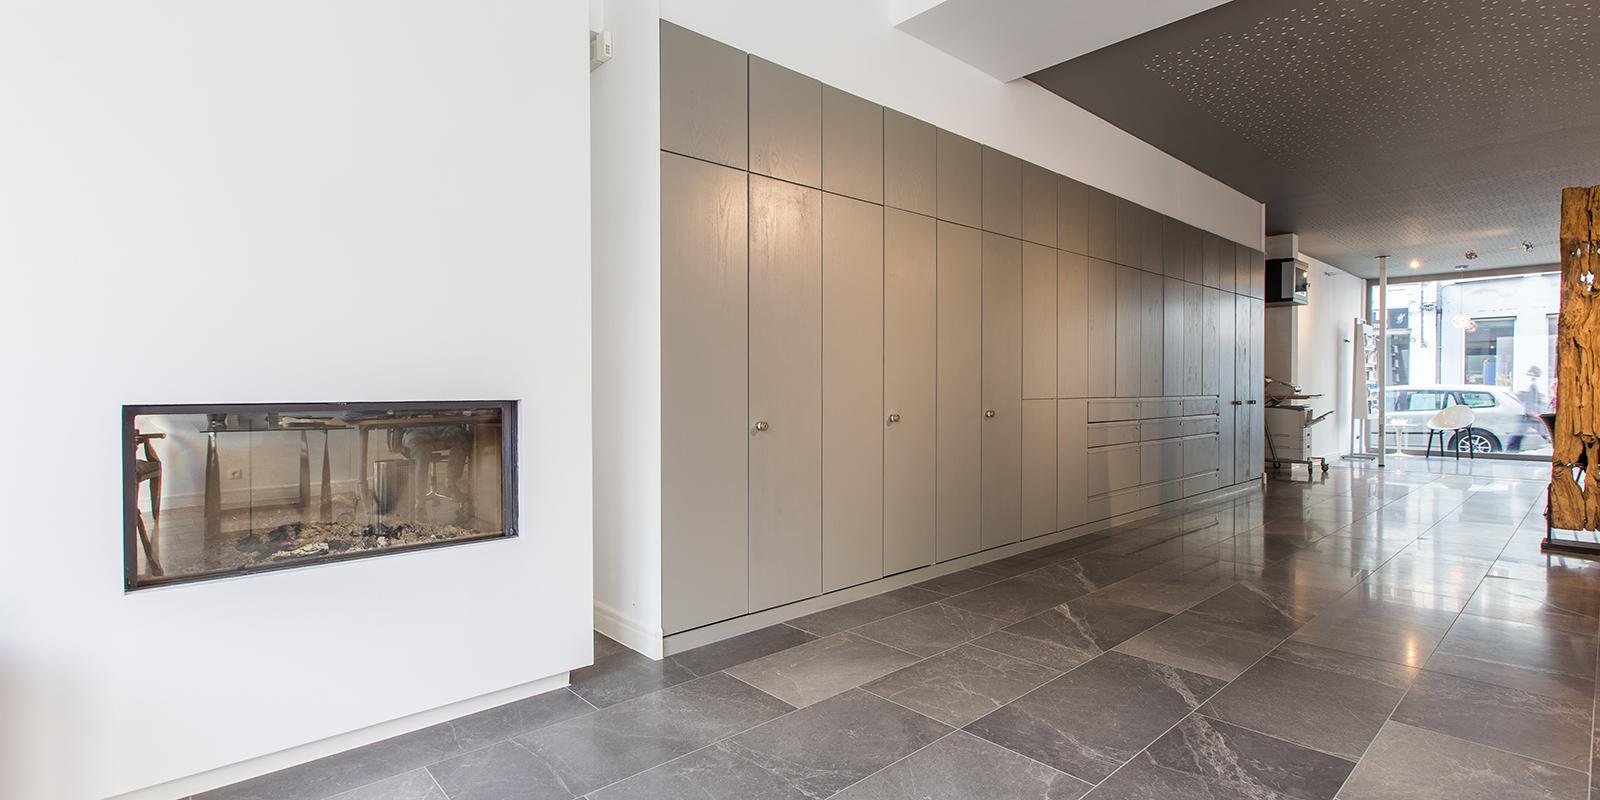 Moderne natuurstenenvloer, Van den Heuvel & Van Duuren, natuursteen, grijs, marmer, frisse look, kantoorpand Gent